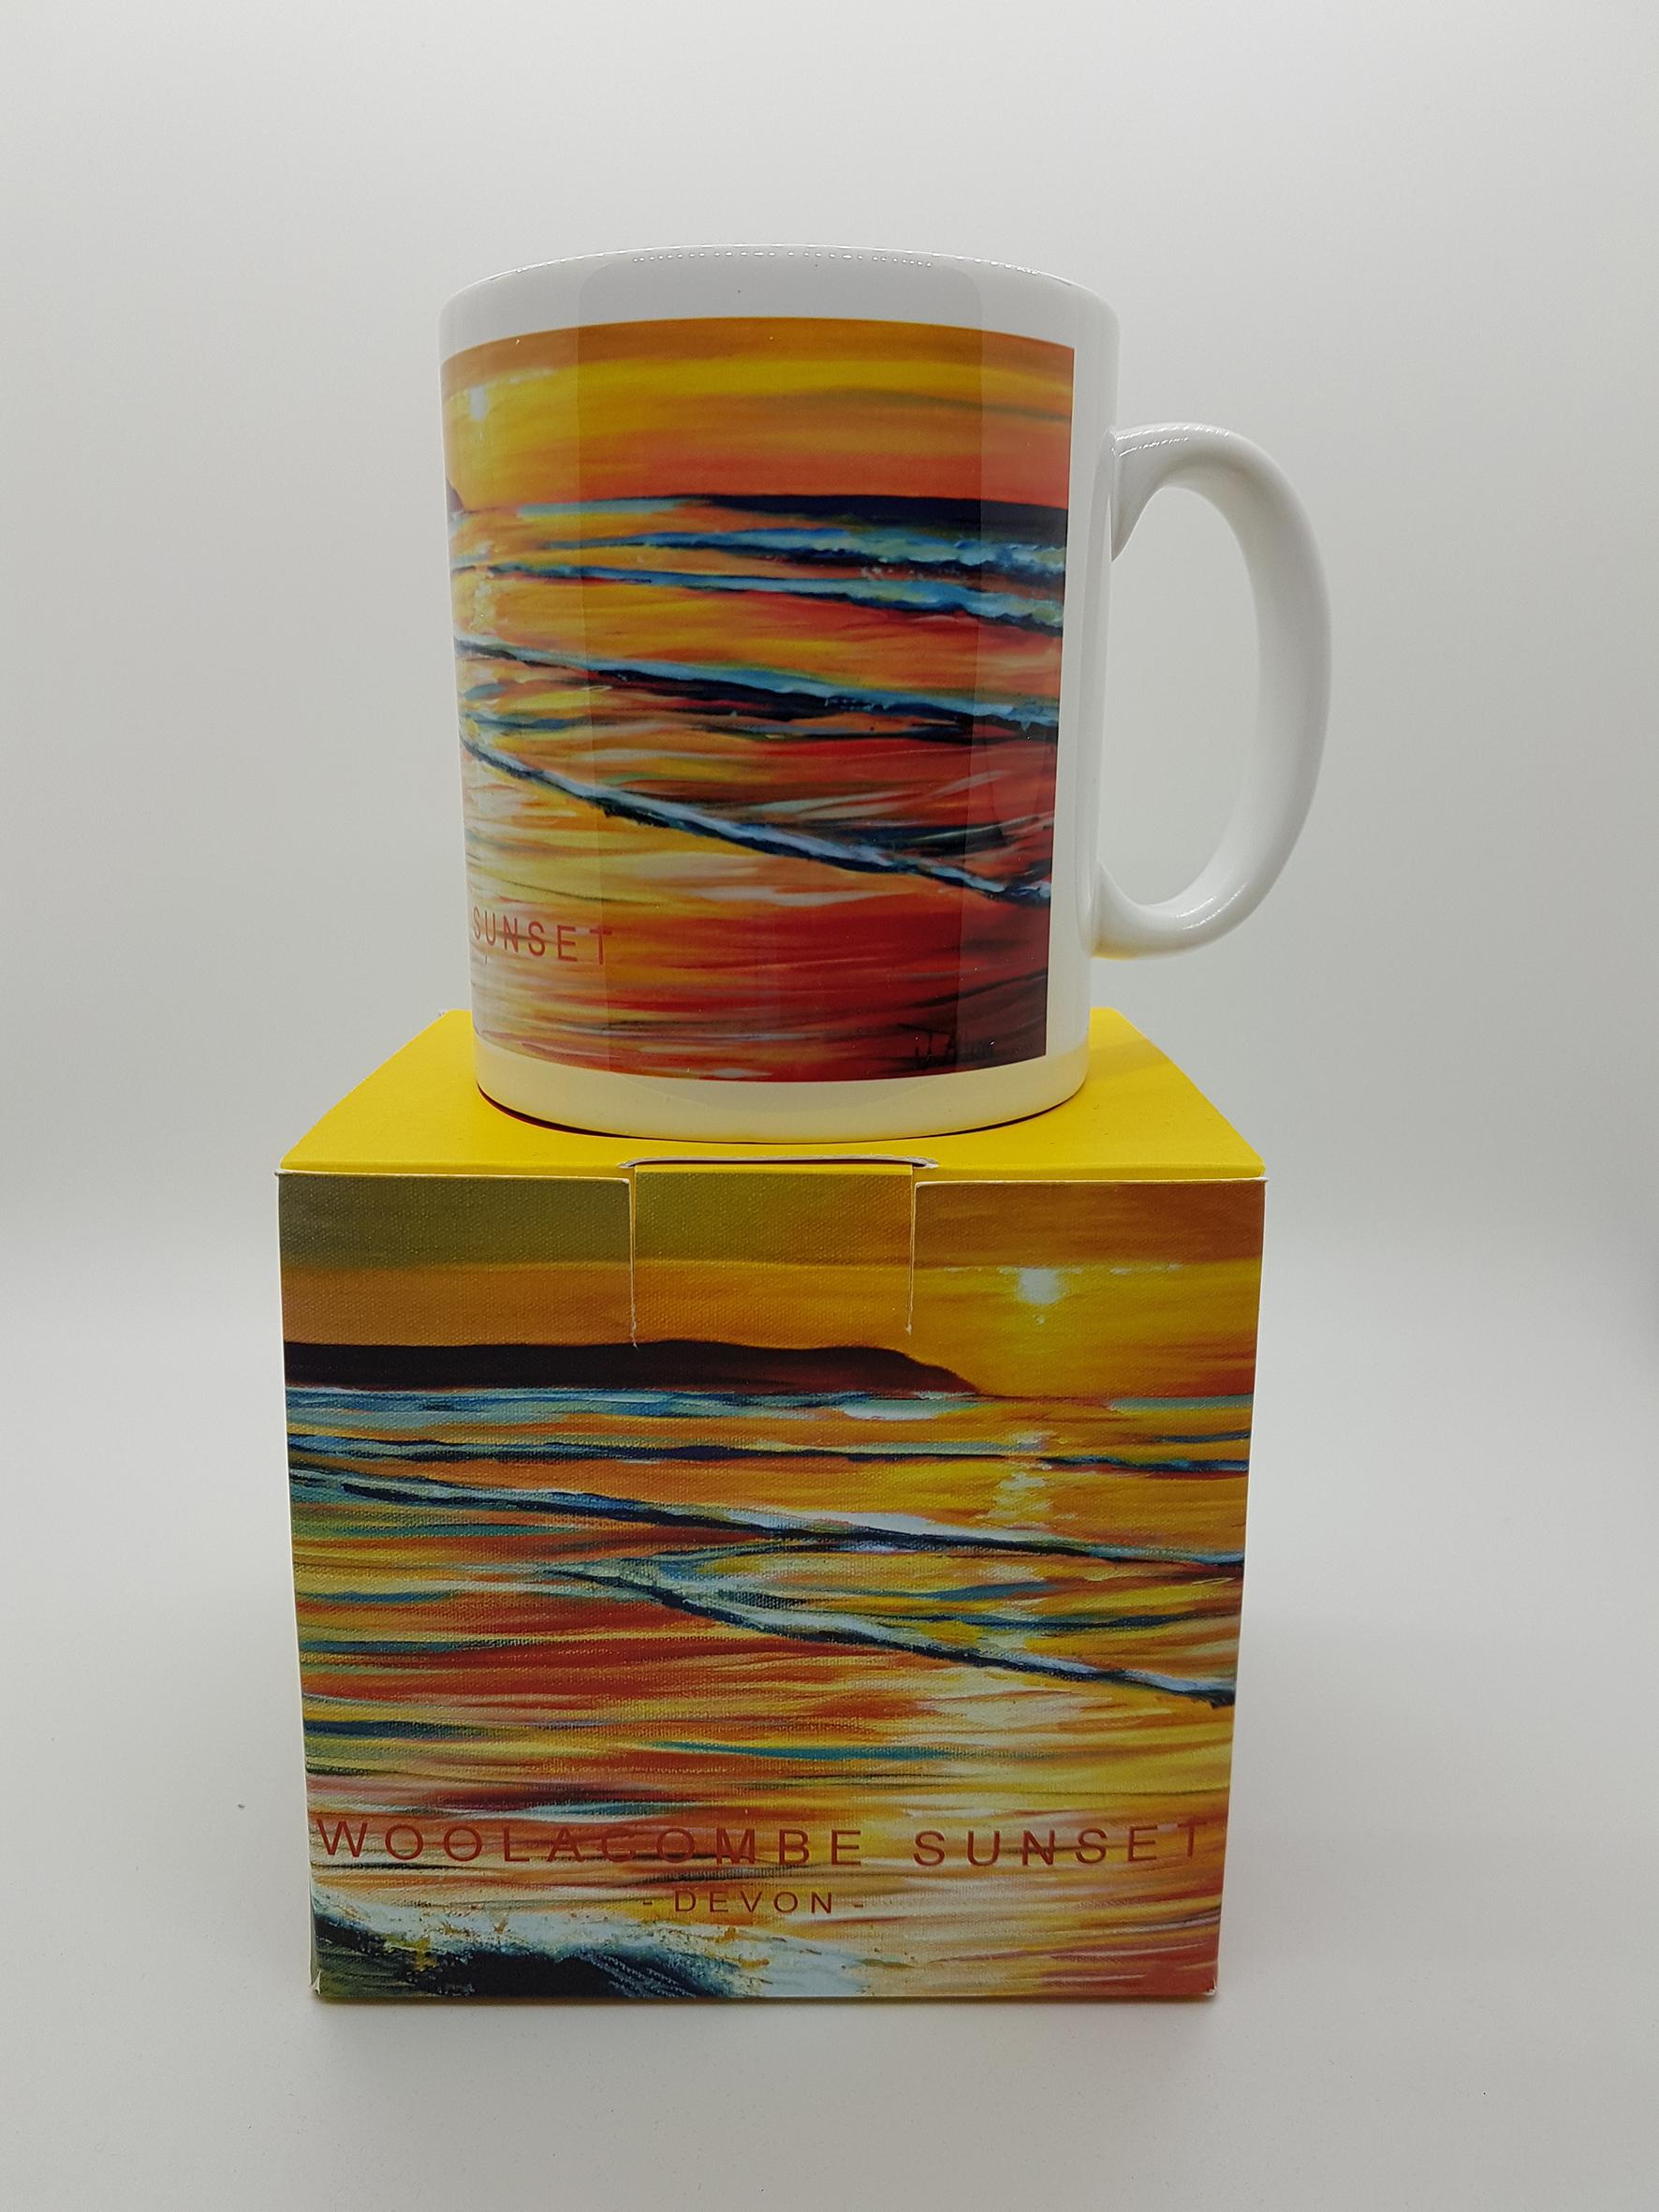 Mug featuring Woolacombe sunset